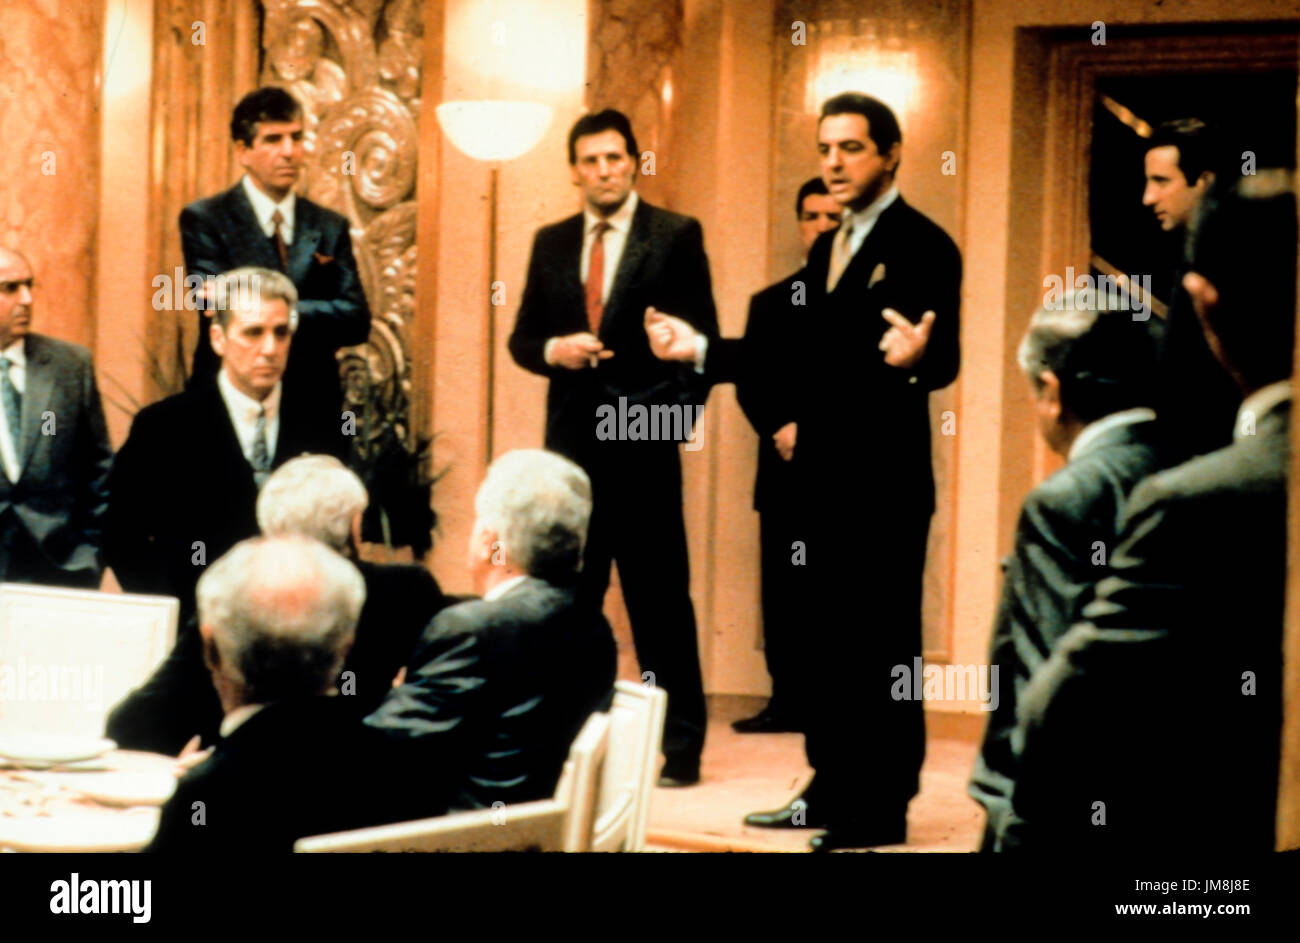 the godfather III, 1990 - Stock Image